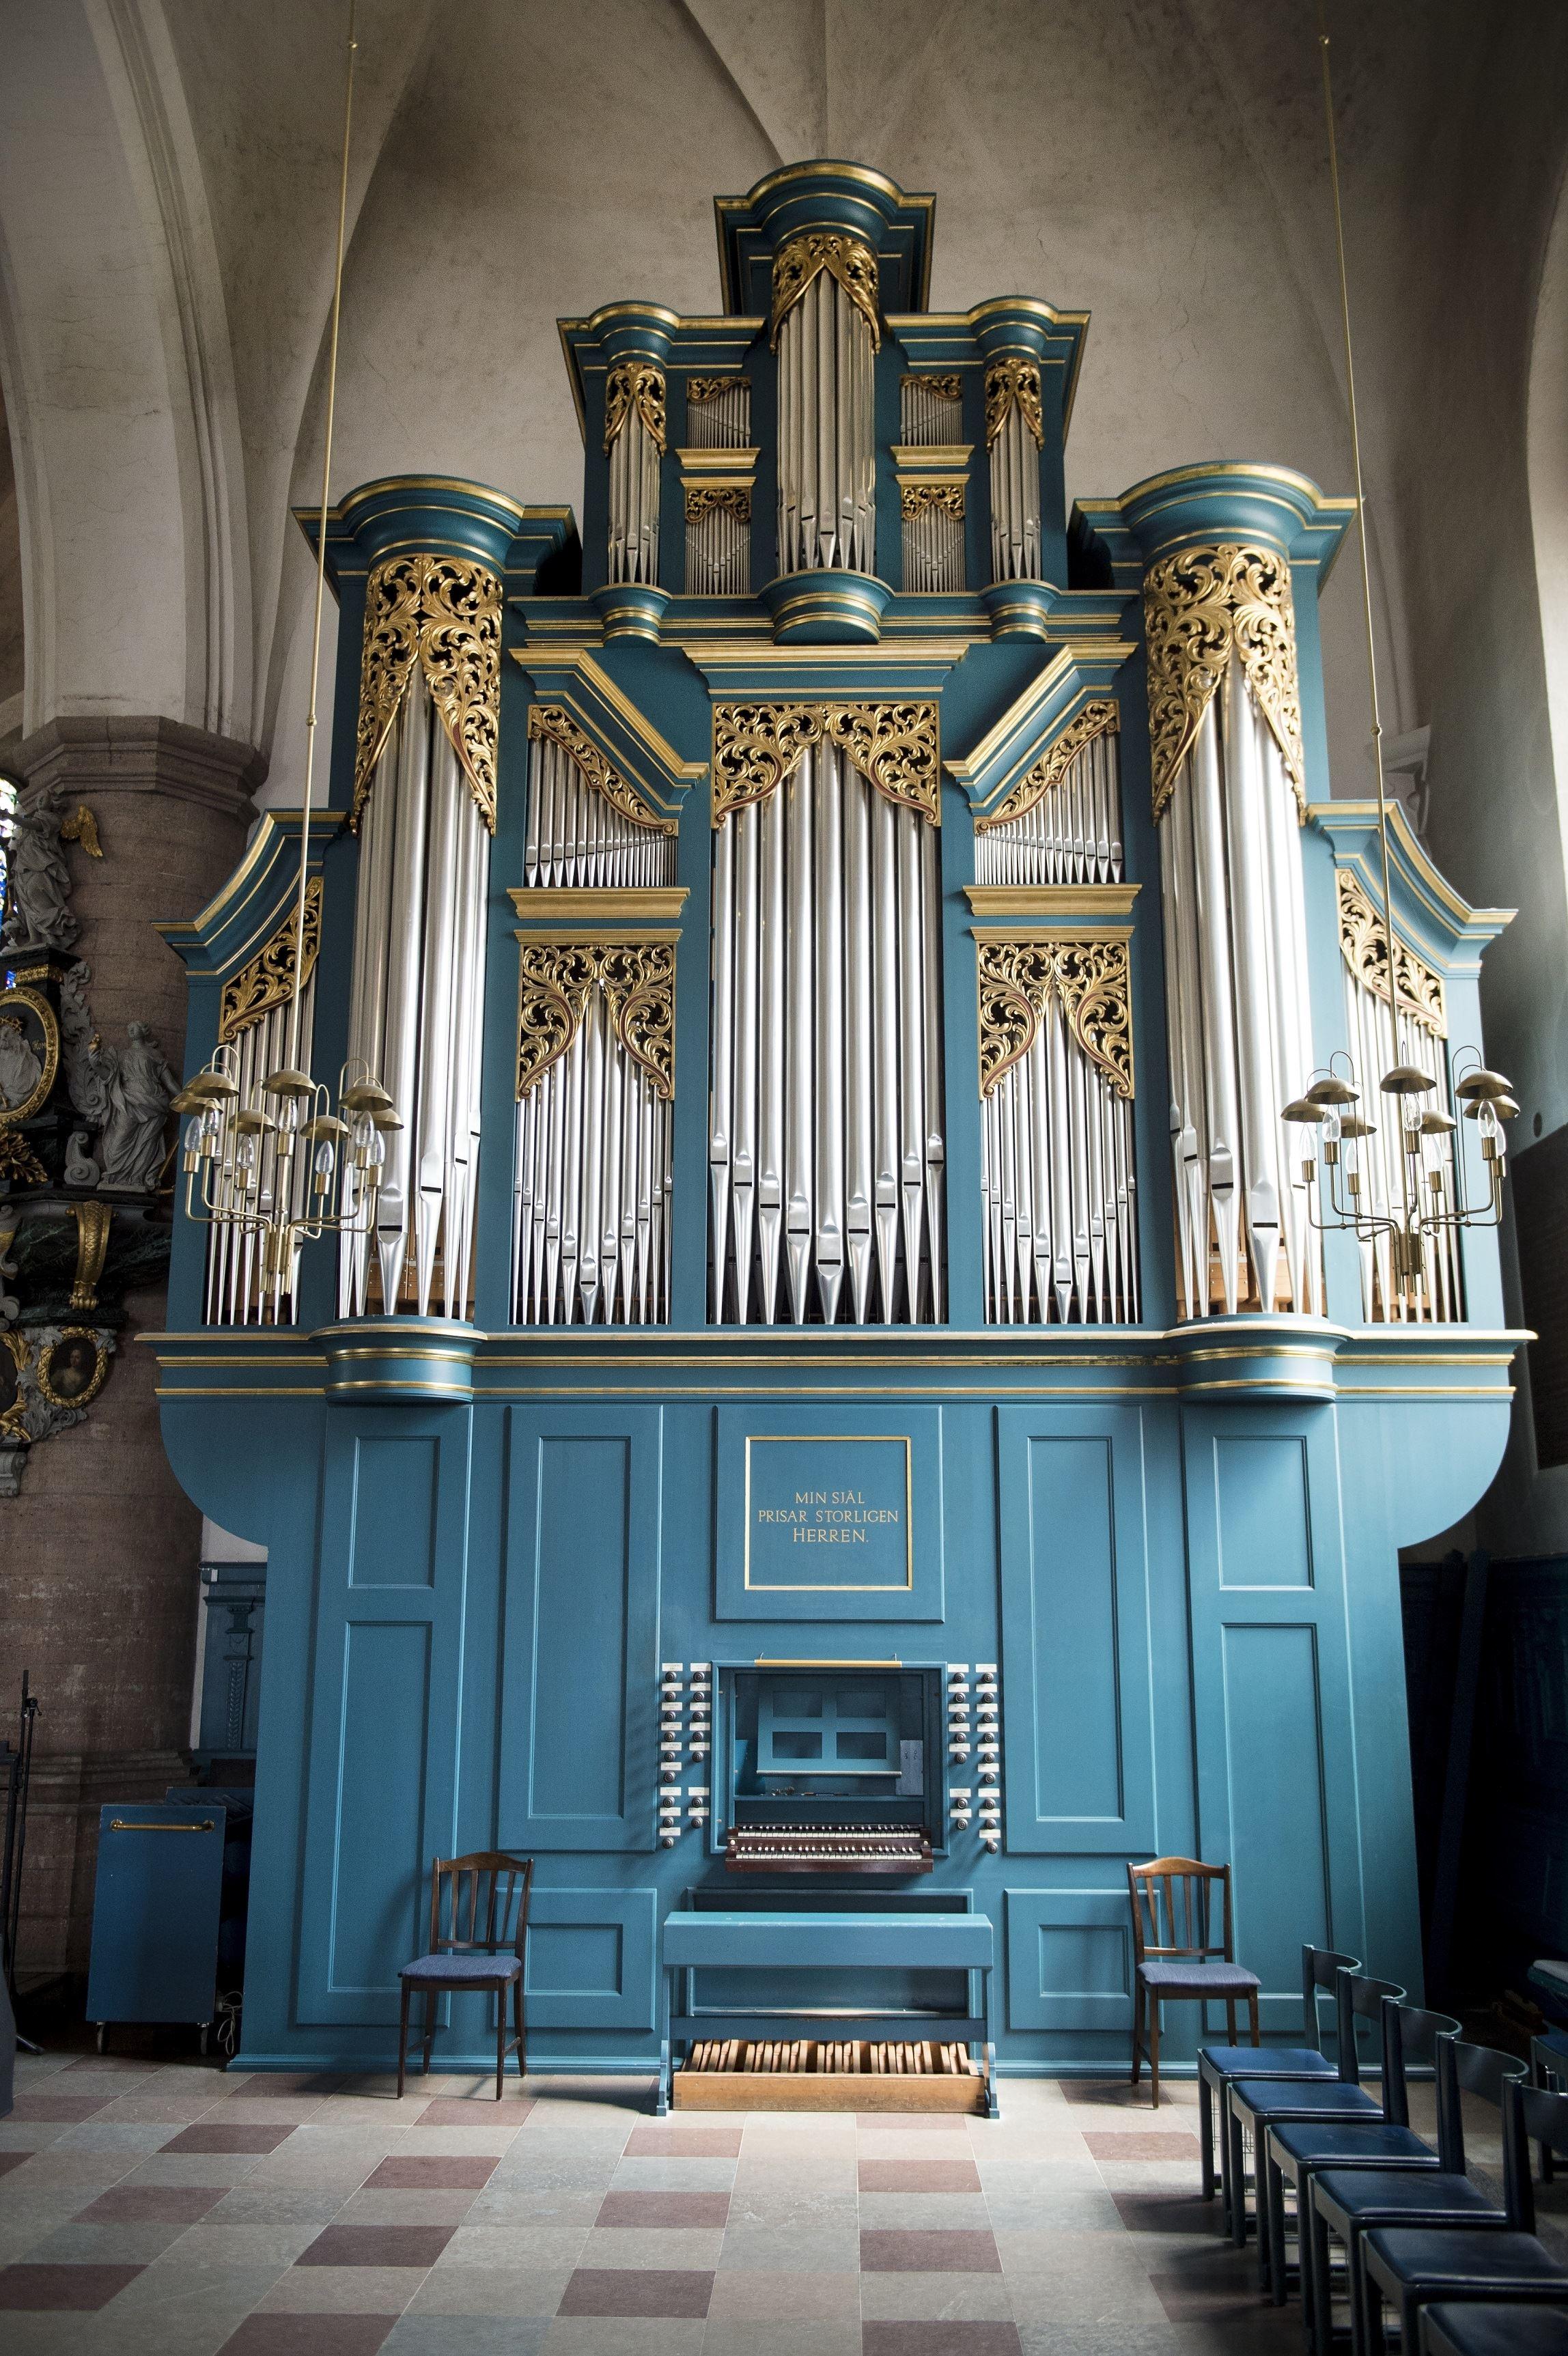 Lördagsmusik - Ny musik av kompositionselever vid Musikkonservatoriet